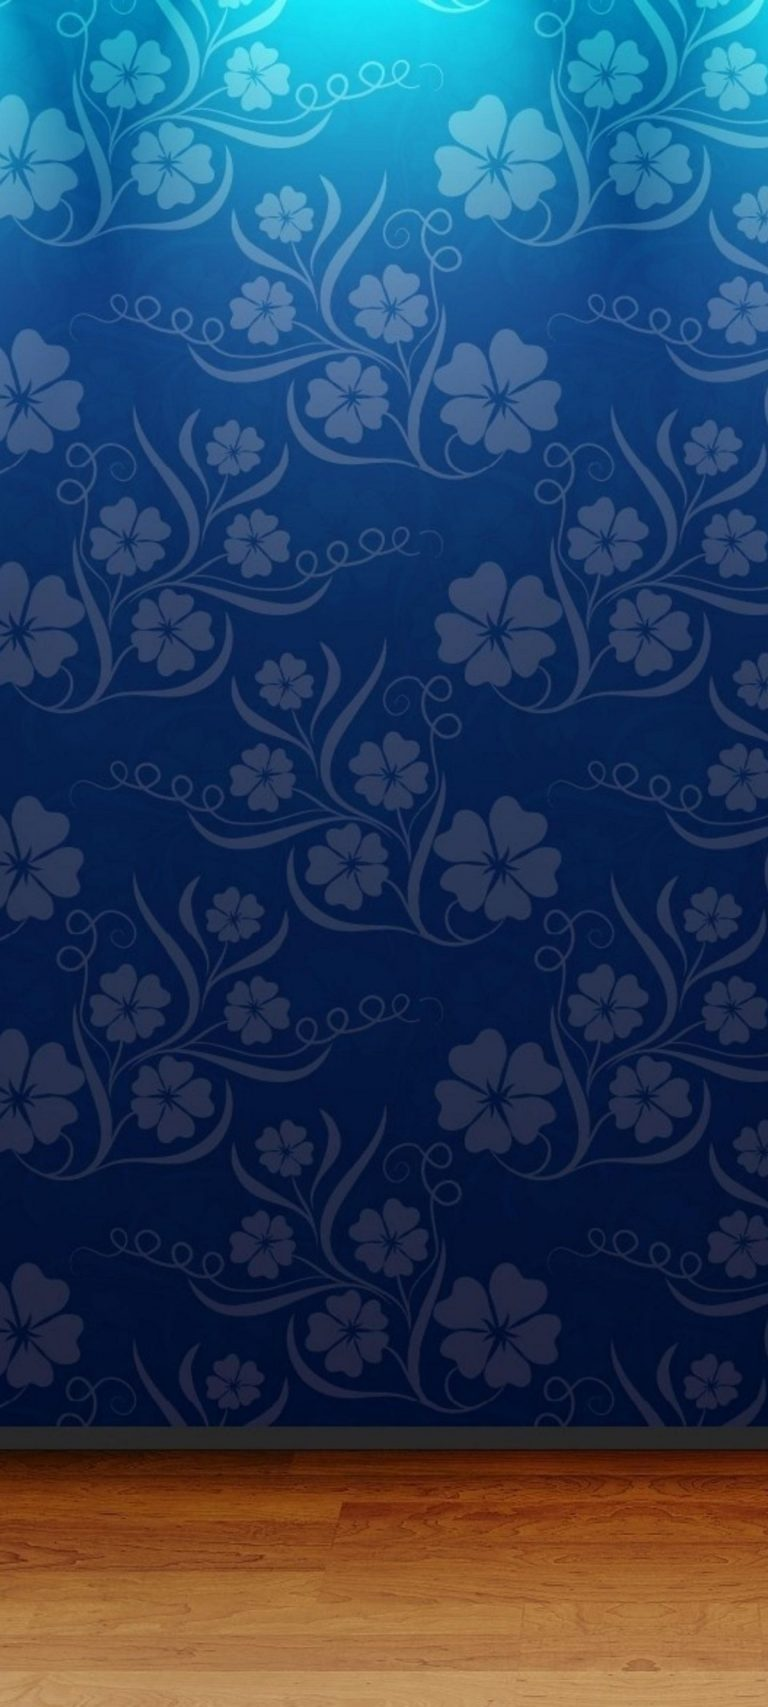 1440x3200 HD Wallpaper 317 768x1707 - 1440x3200 HD Wallpaper - 317